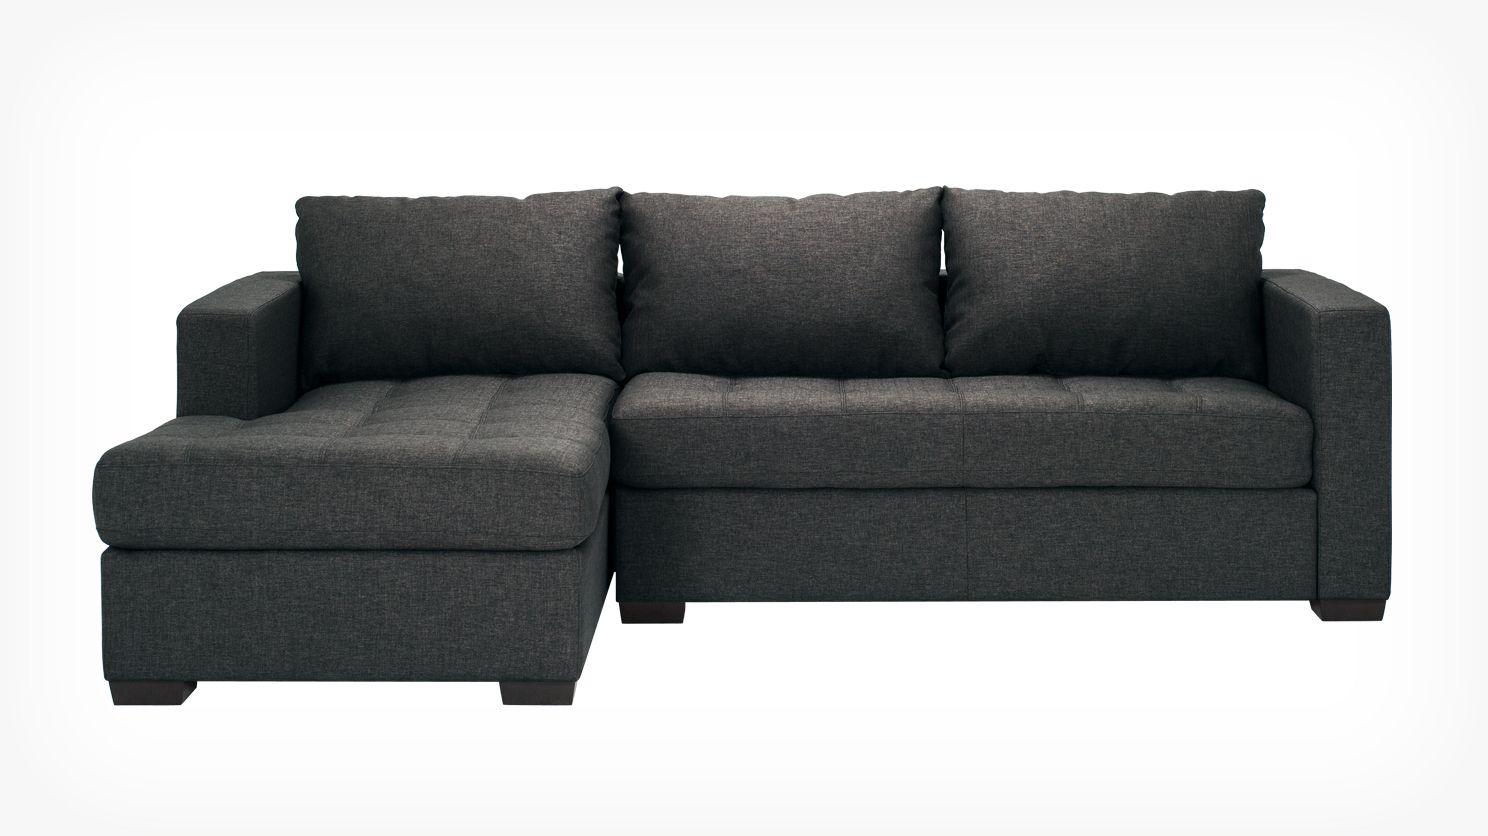 canap modulaire deux pi ces avec m ridienne porter. Black Bedroom Furniture Sets. Home Design Ideas